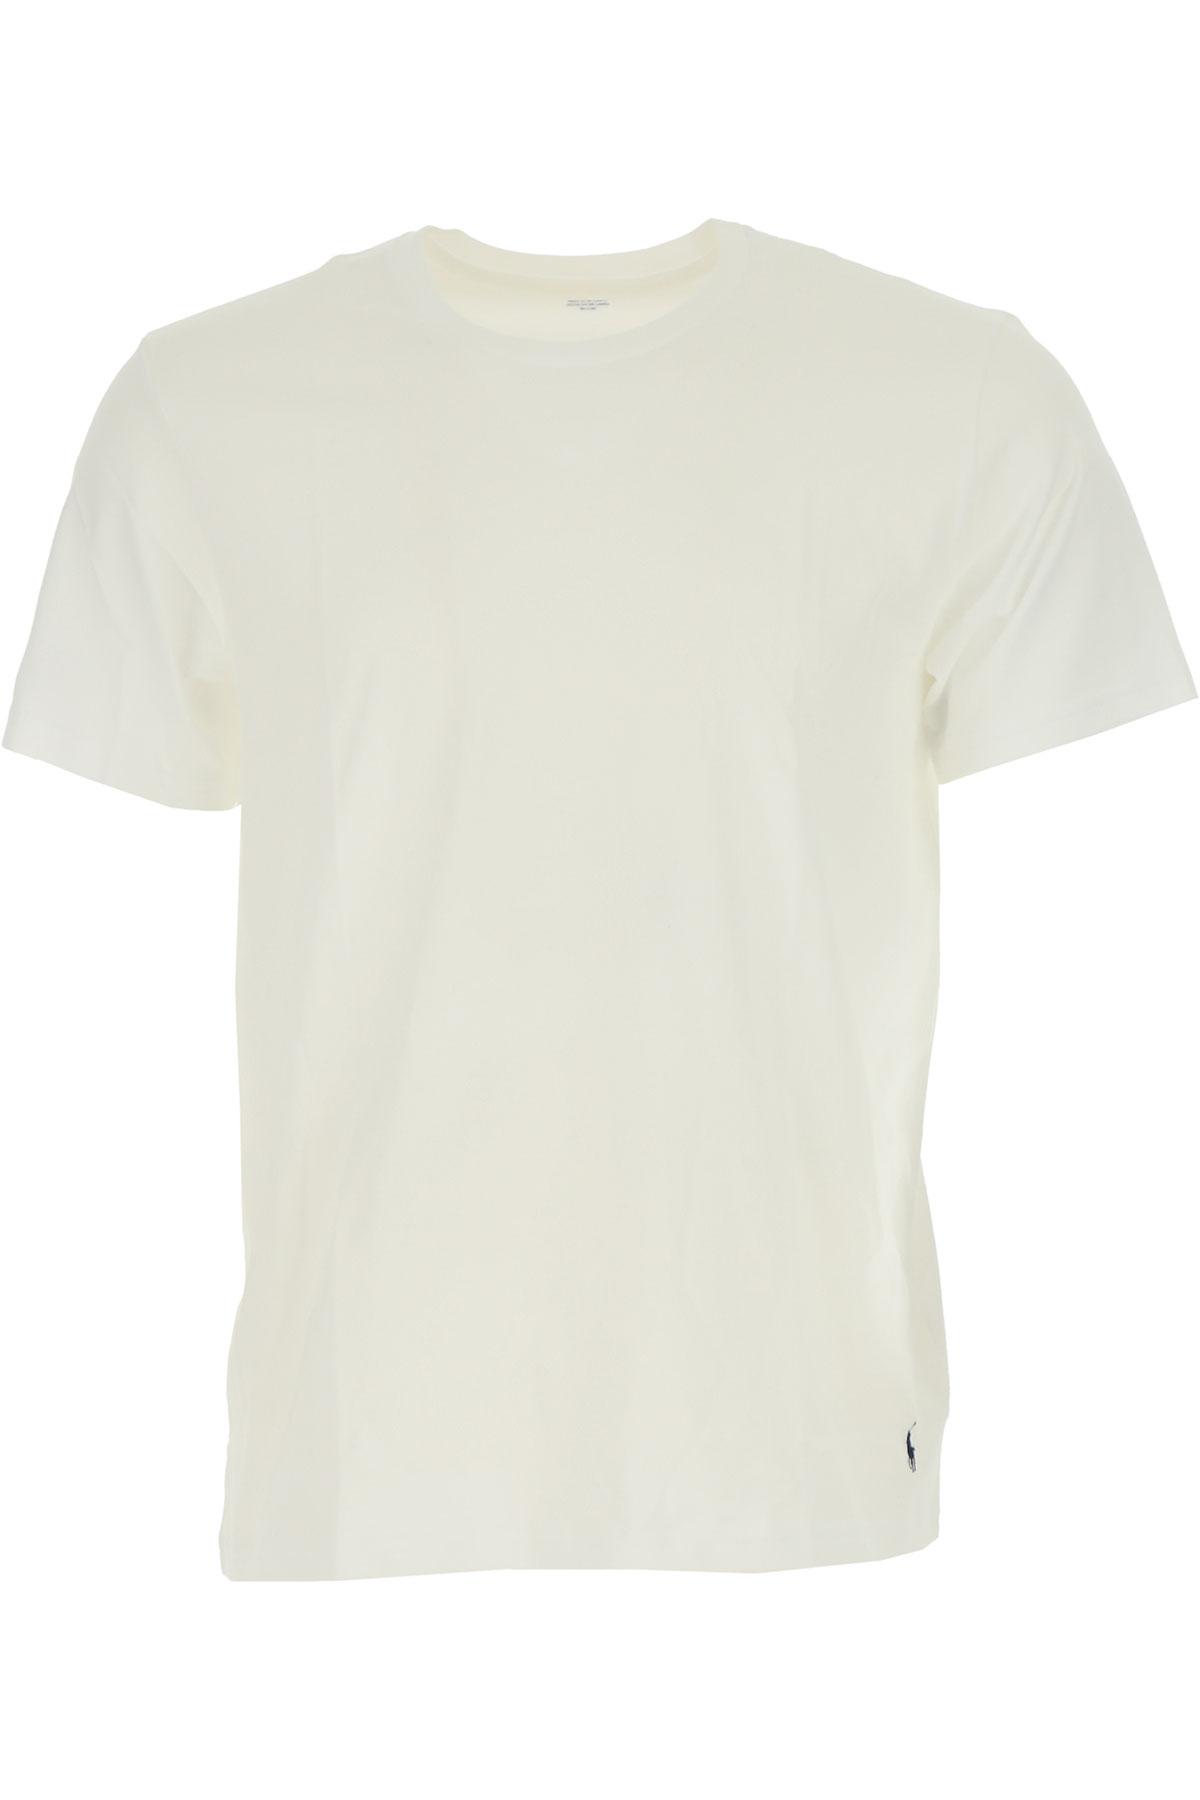 Image of Ralph Lauren T-Shirt for Men, White, Cotton, 2017, L M